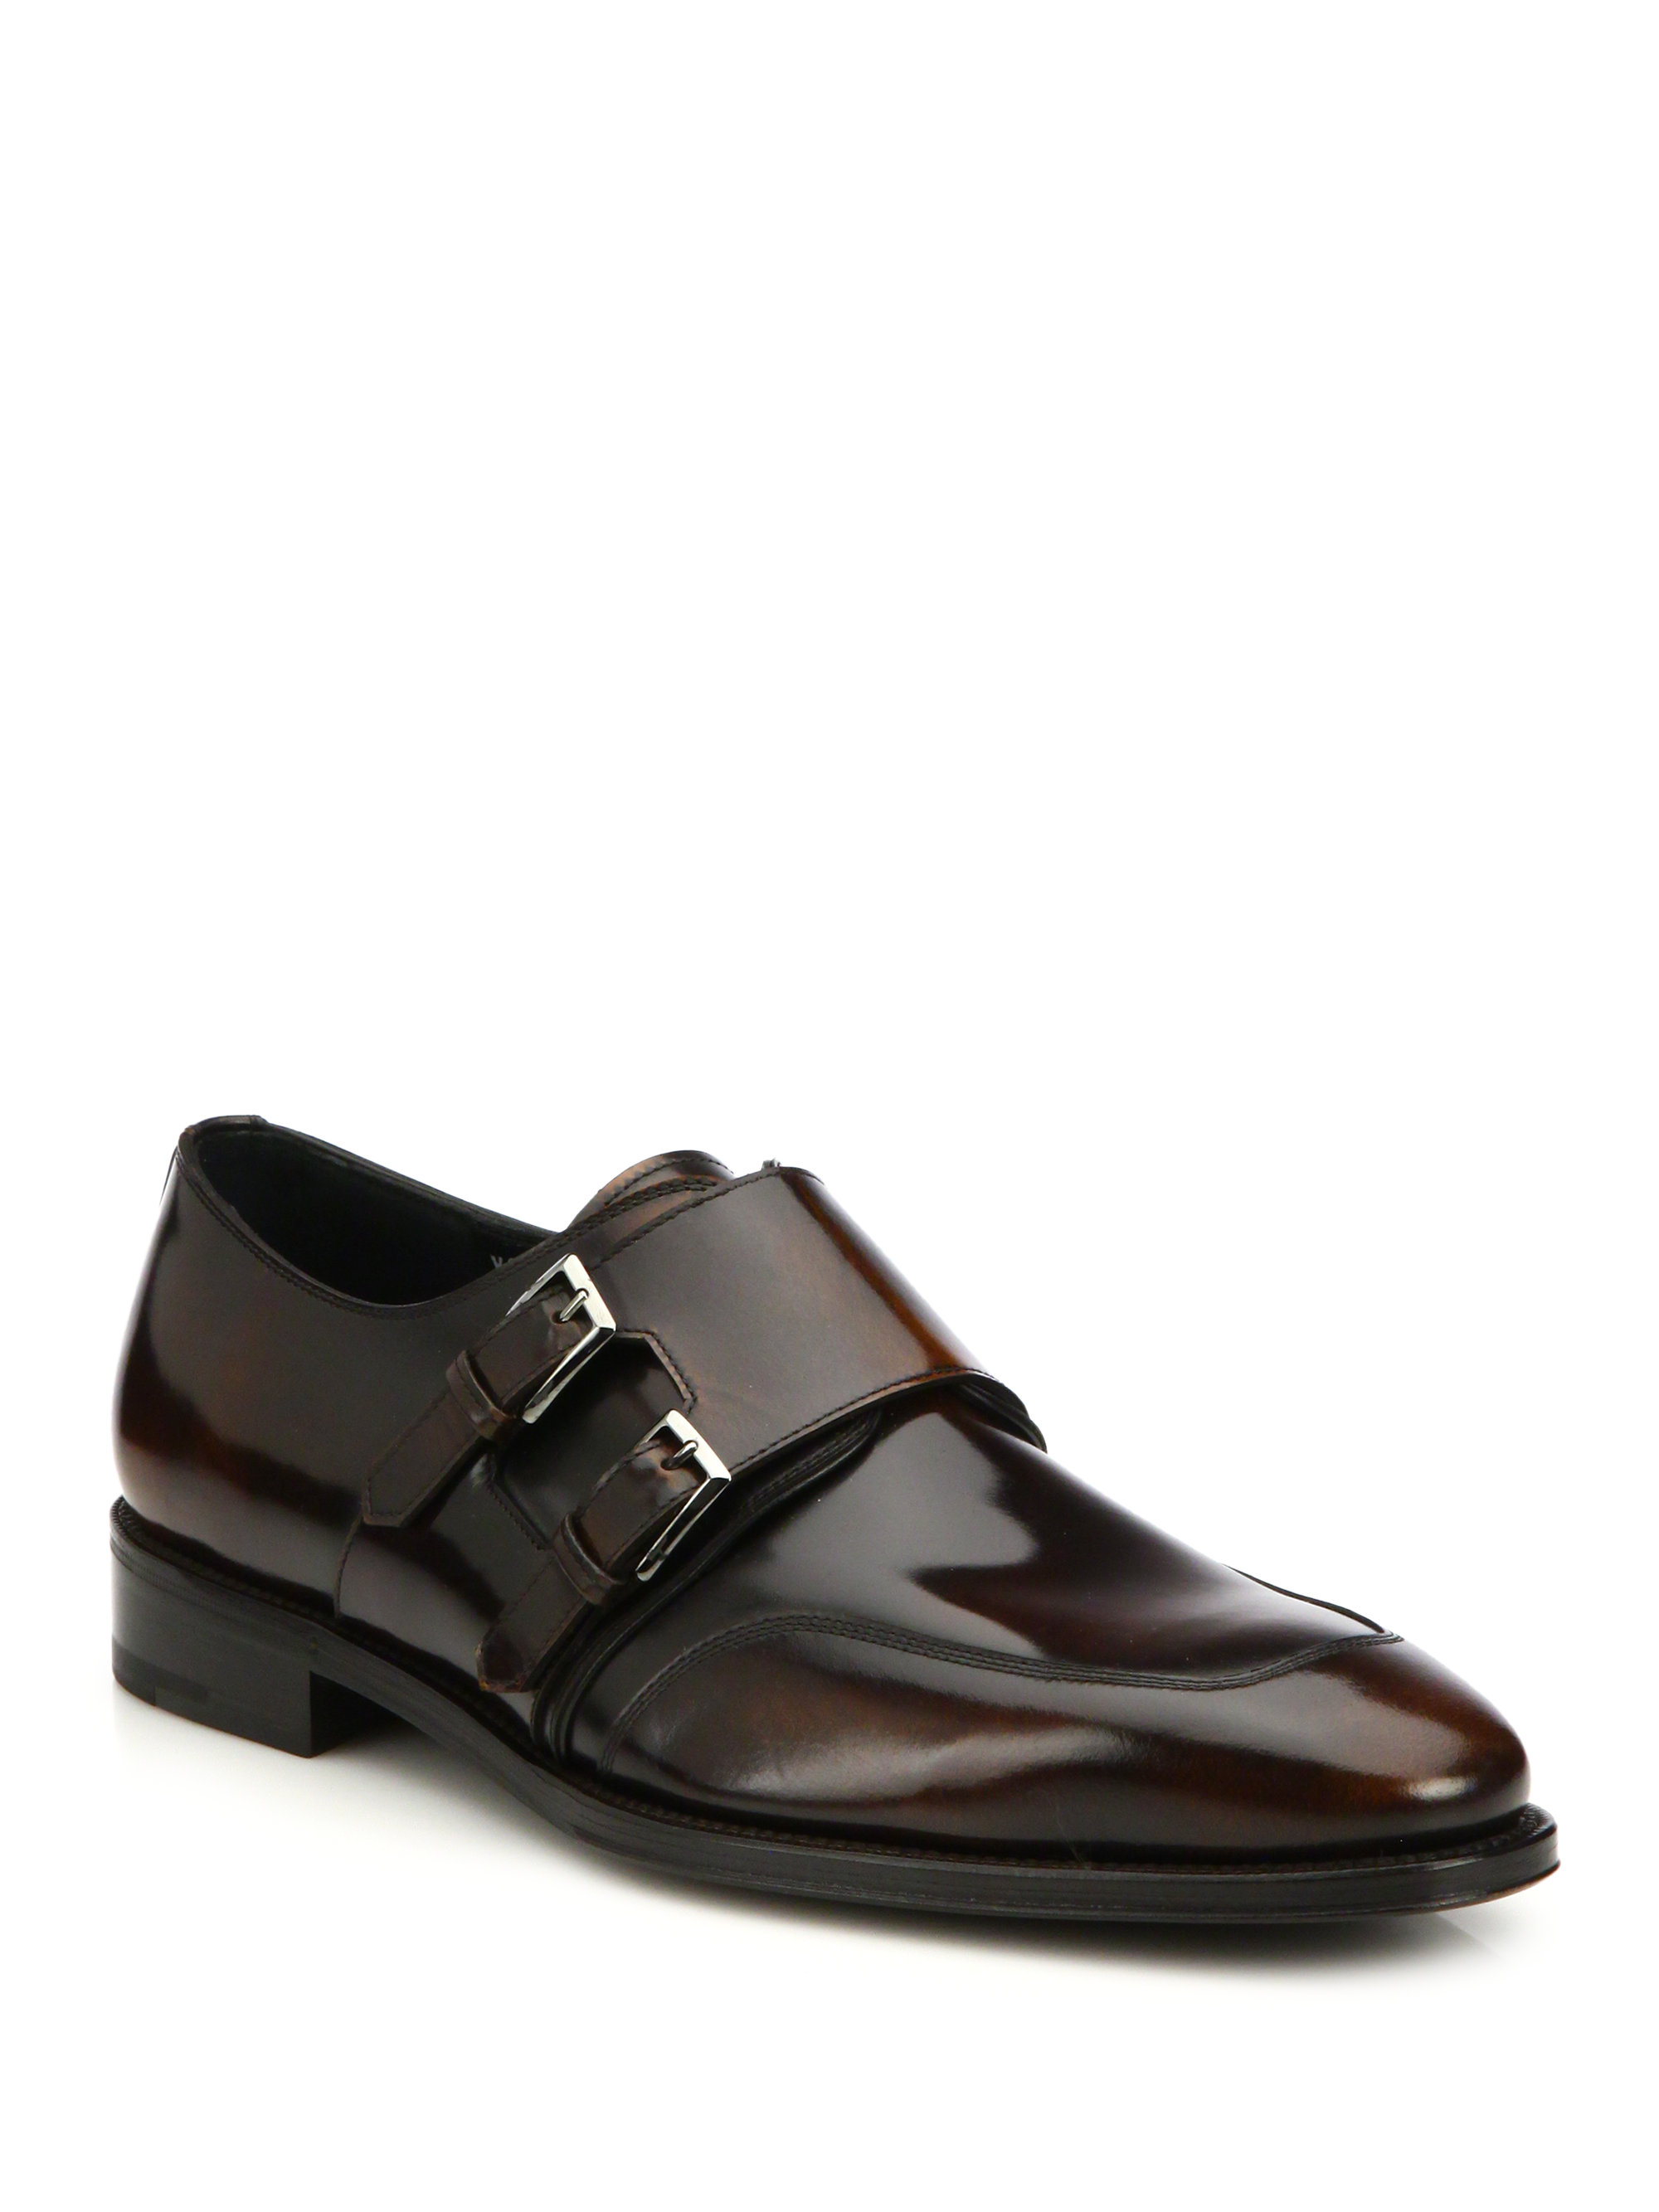 Salvatore Ferragamo Double Monk Strap Dress Shoes